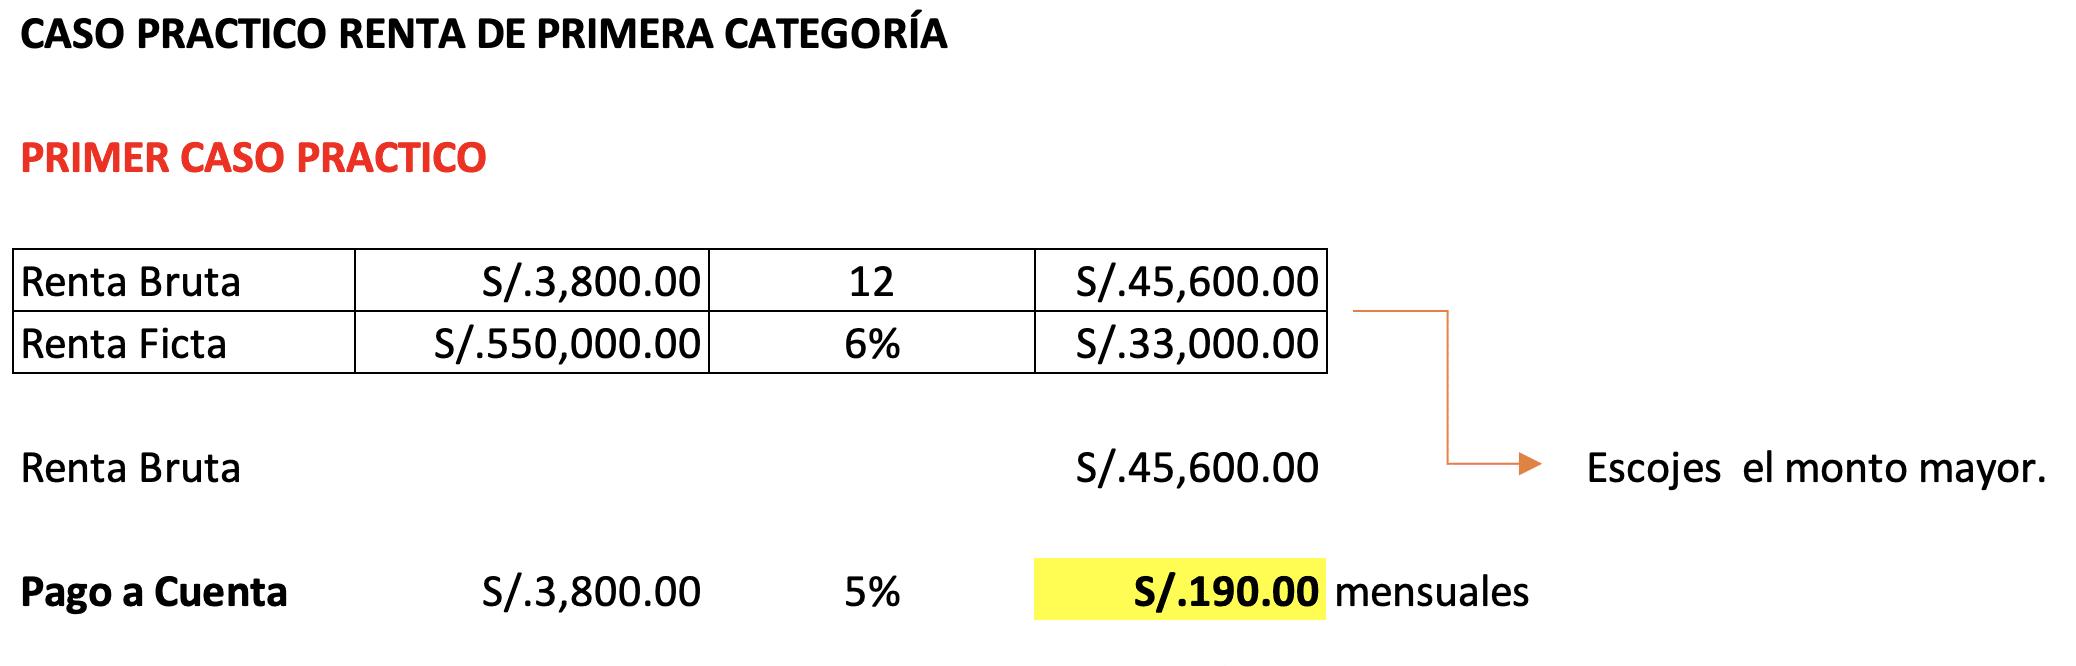 Caso Practico Renta Primera Categoria